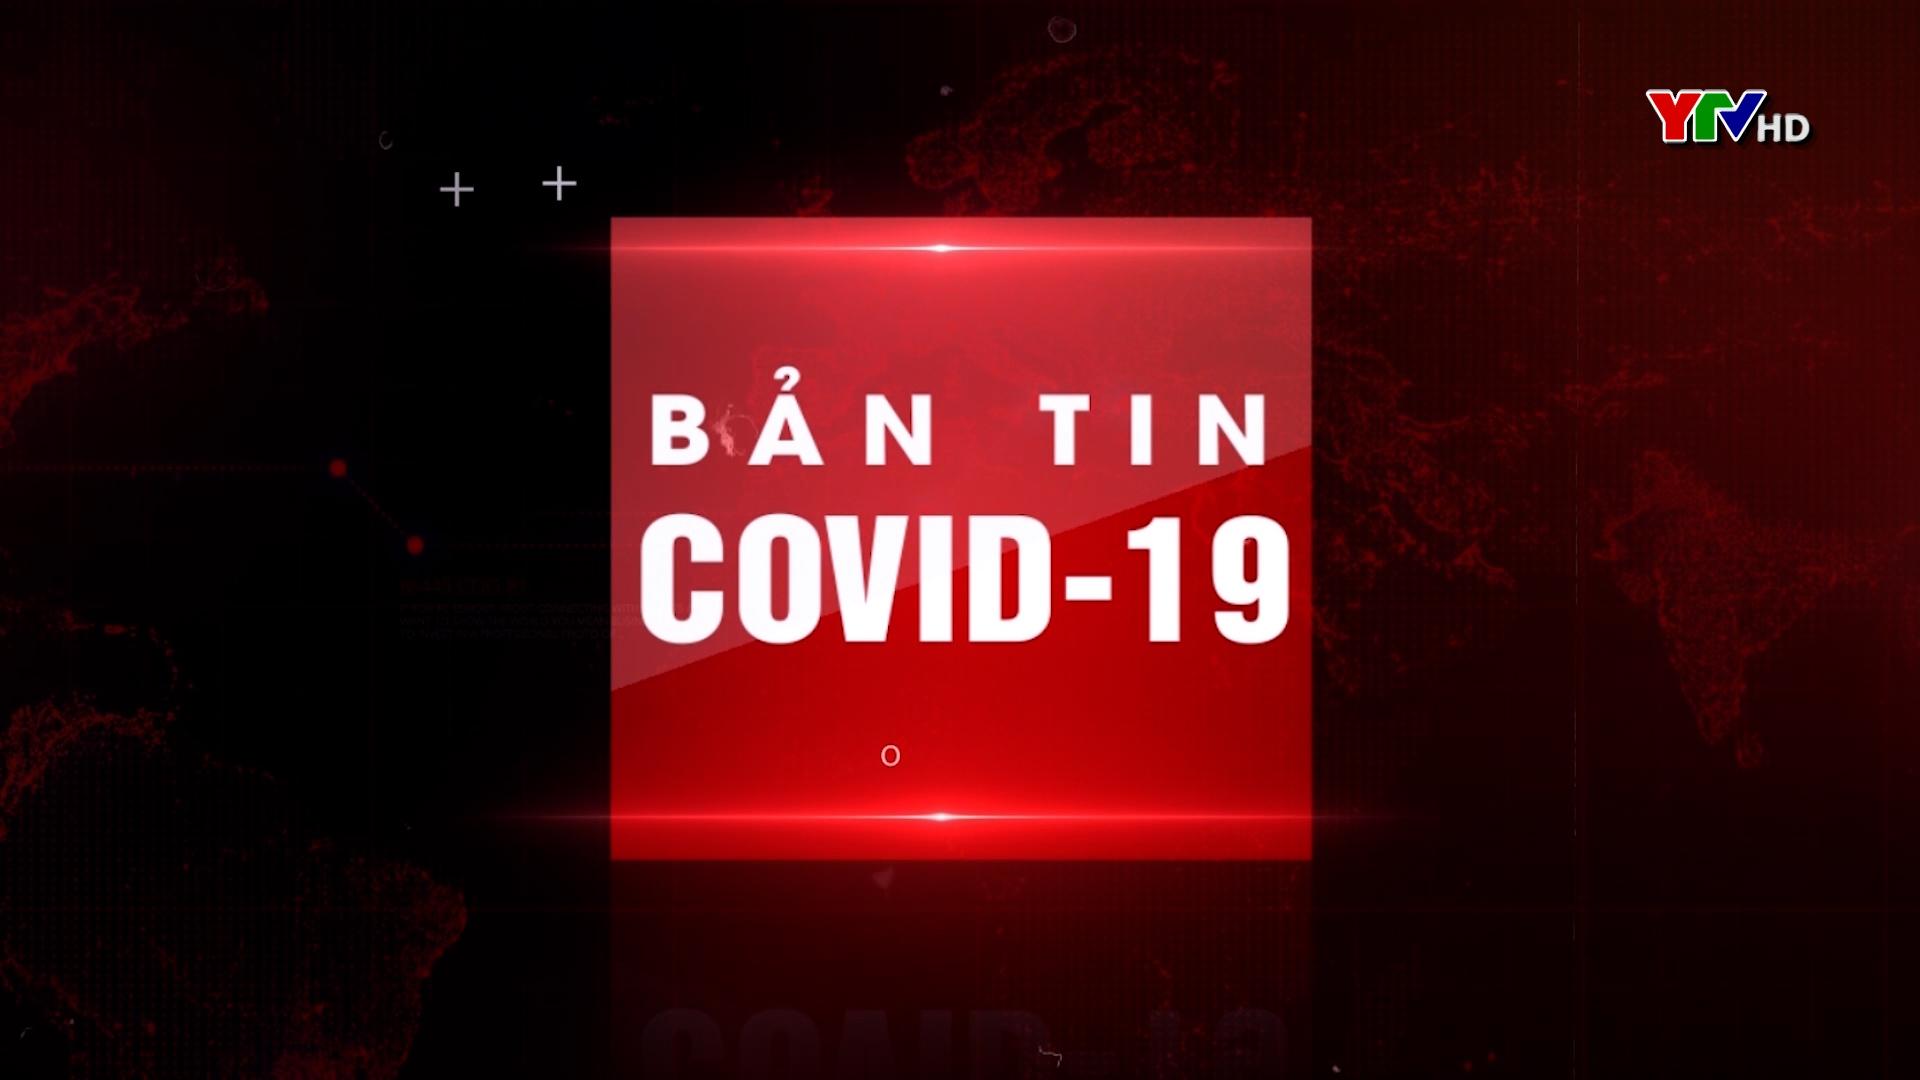 Bản tin Phòng, chống COVID - 19 tối ngày 30/7/2021